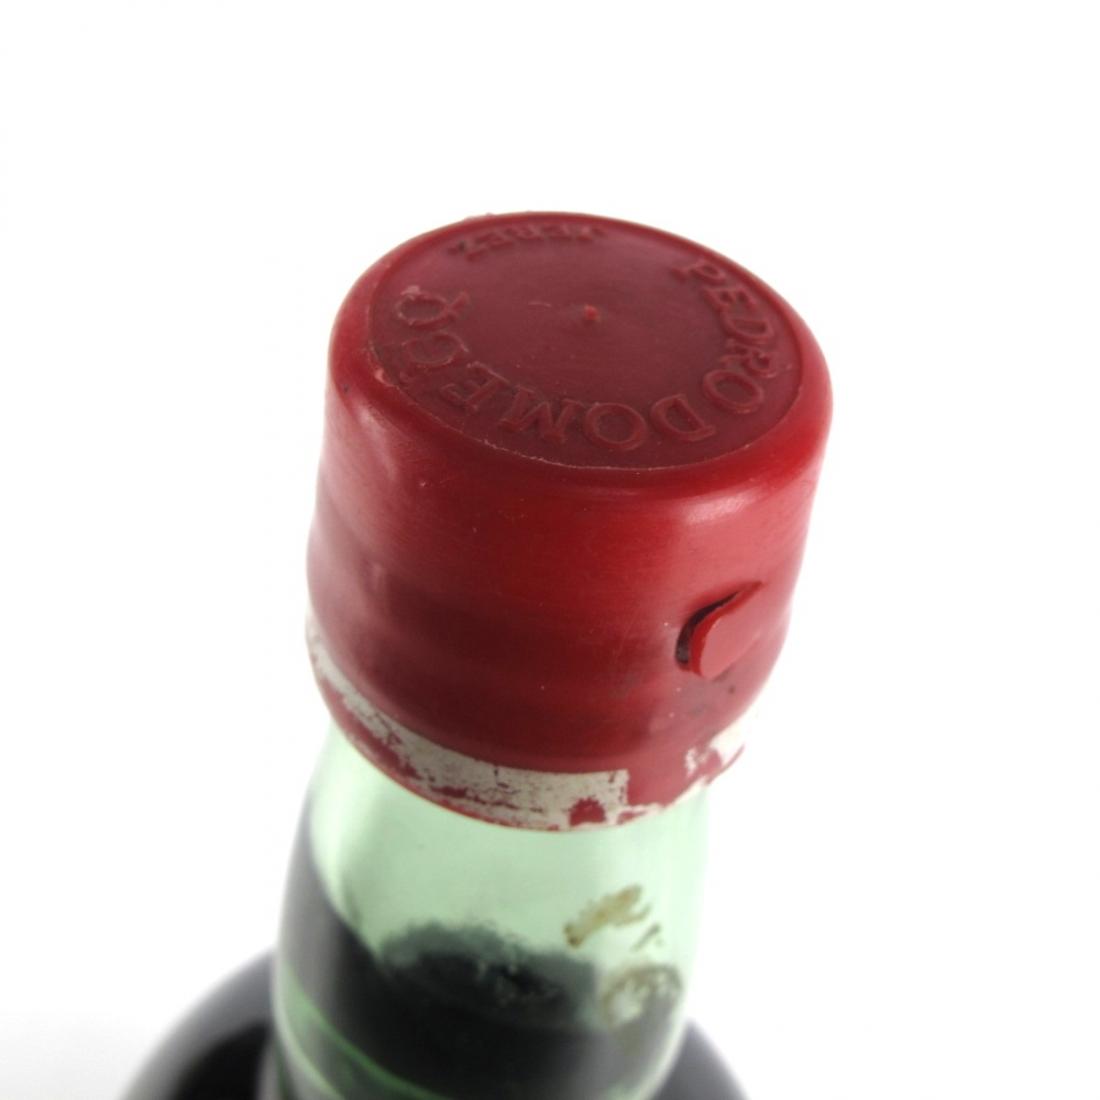 Pedro Domecq Brandy Circa 2 Litre 1960s